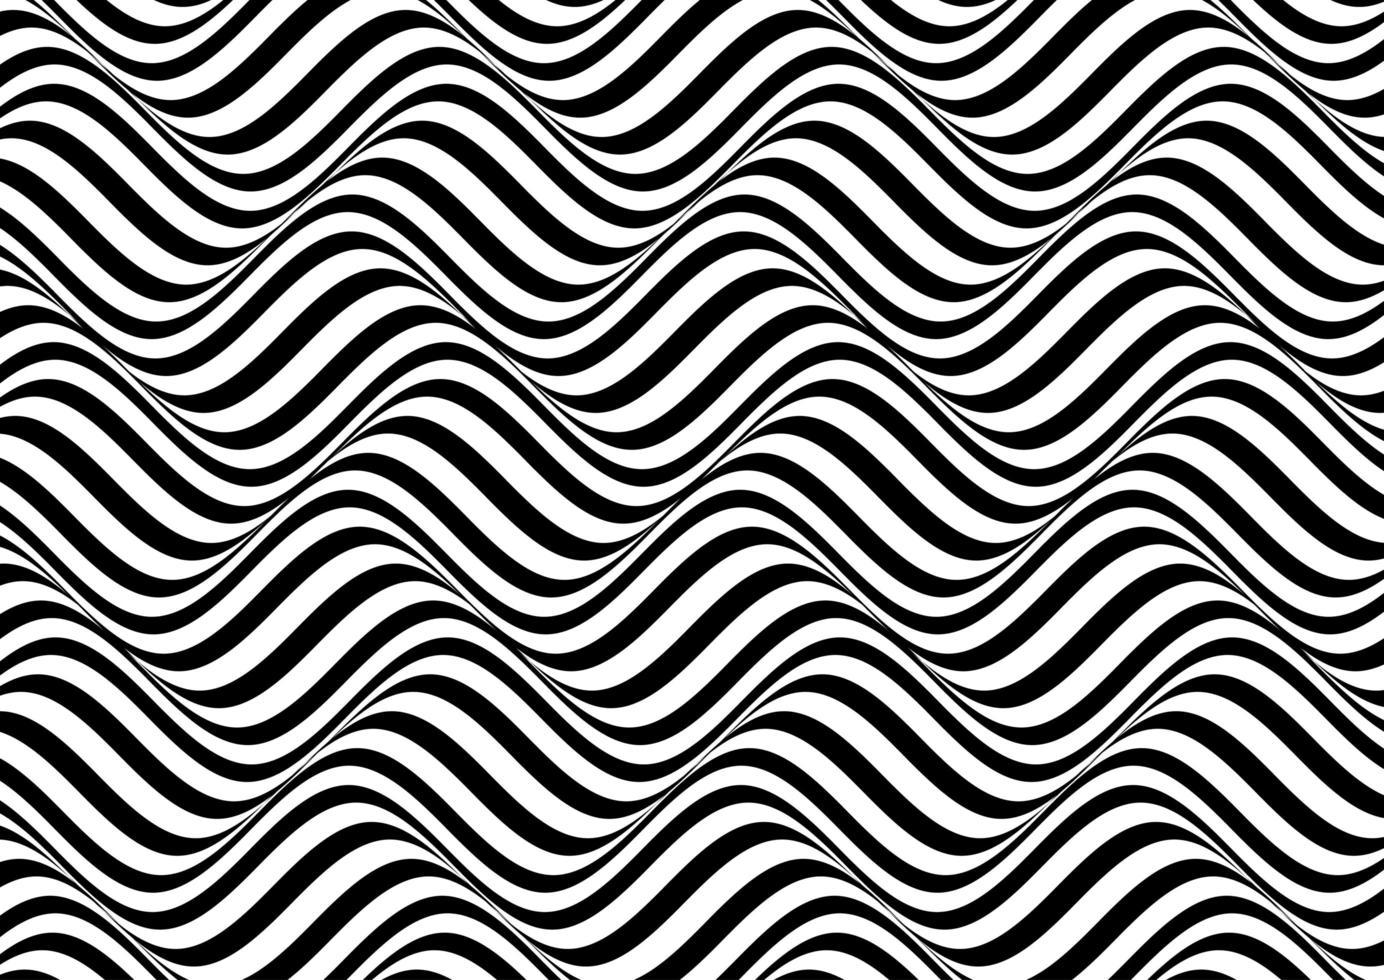 fond abstrait illusion d'optique vecteur